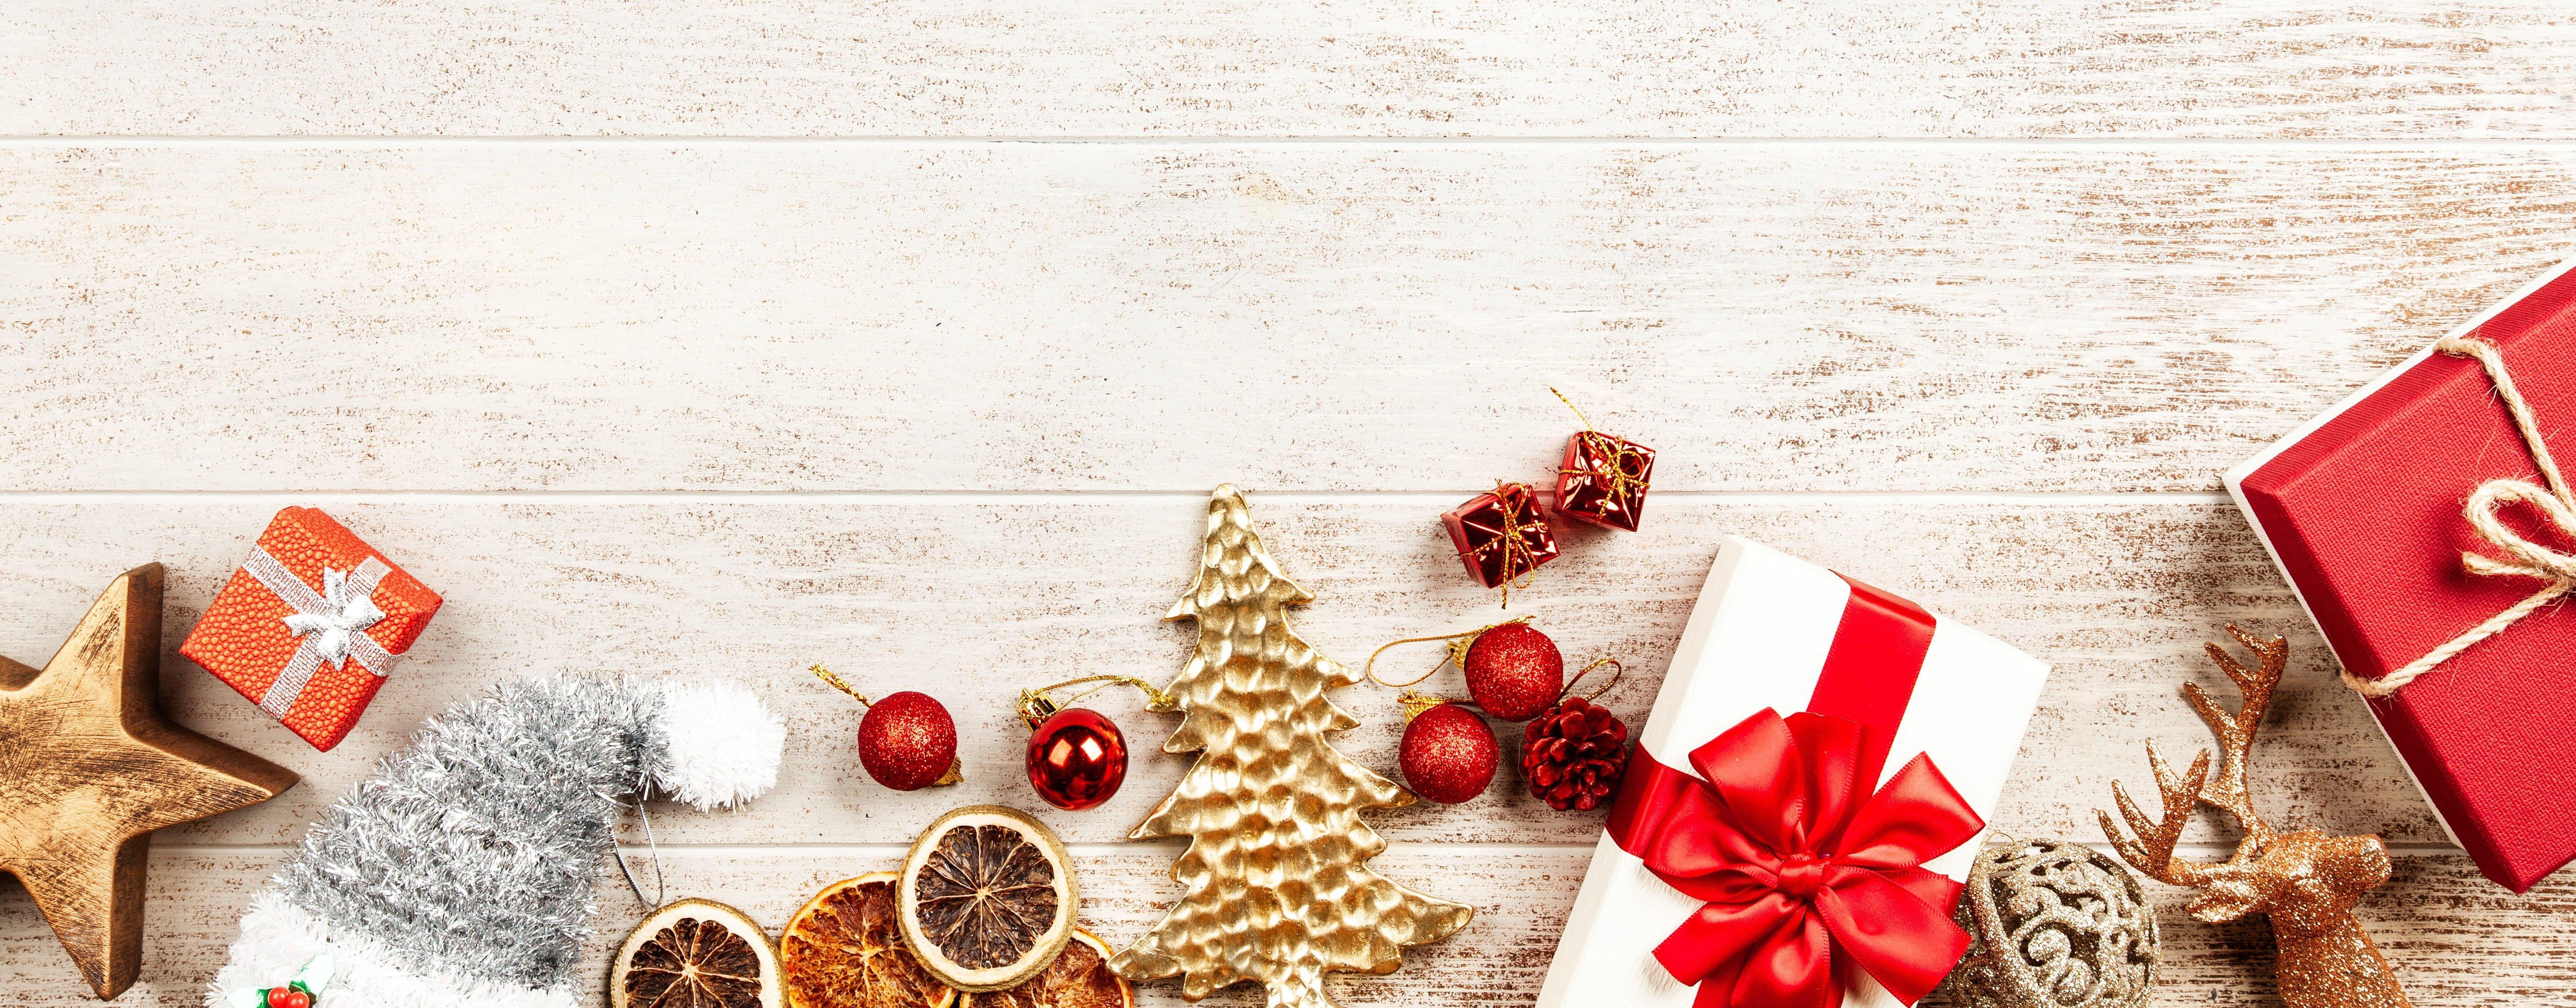 Natal! A época mais bonita do ano